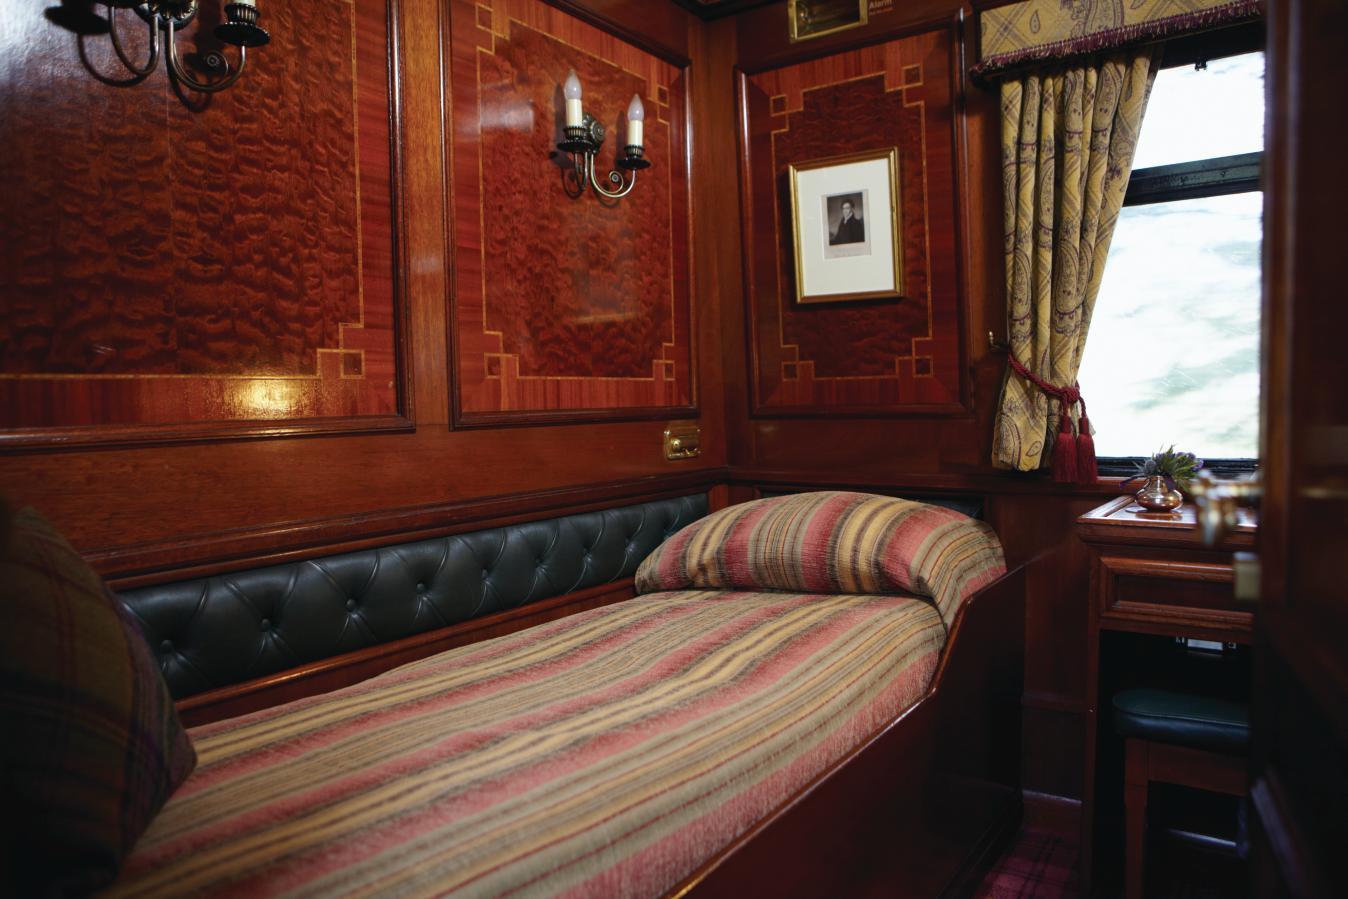 The Belmond Royal Scotsman 7